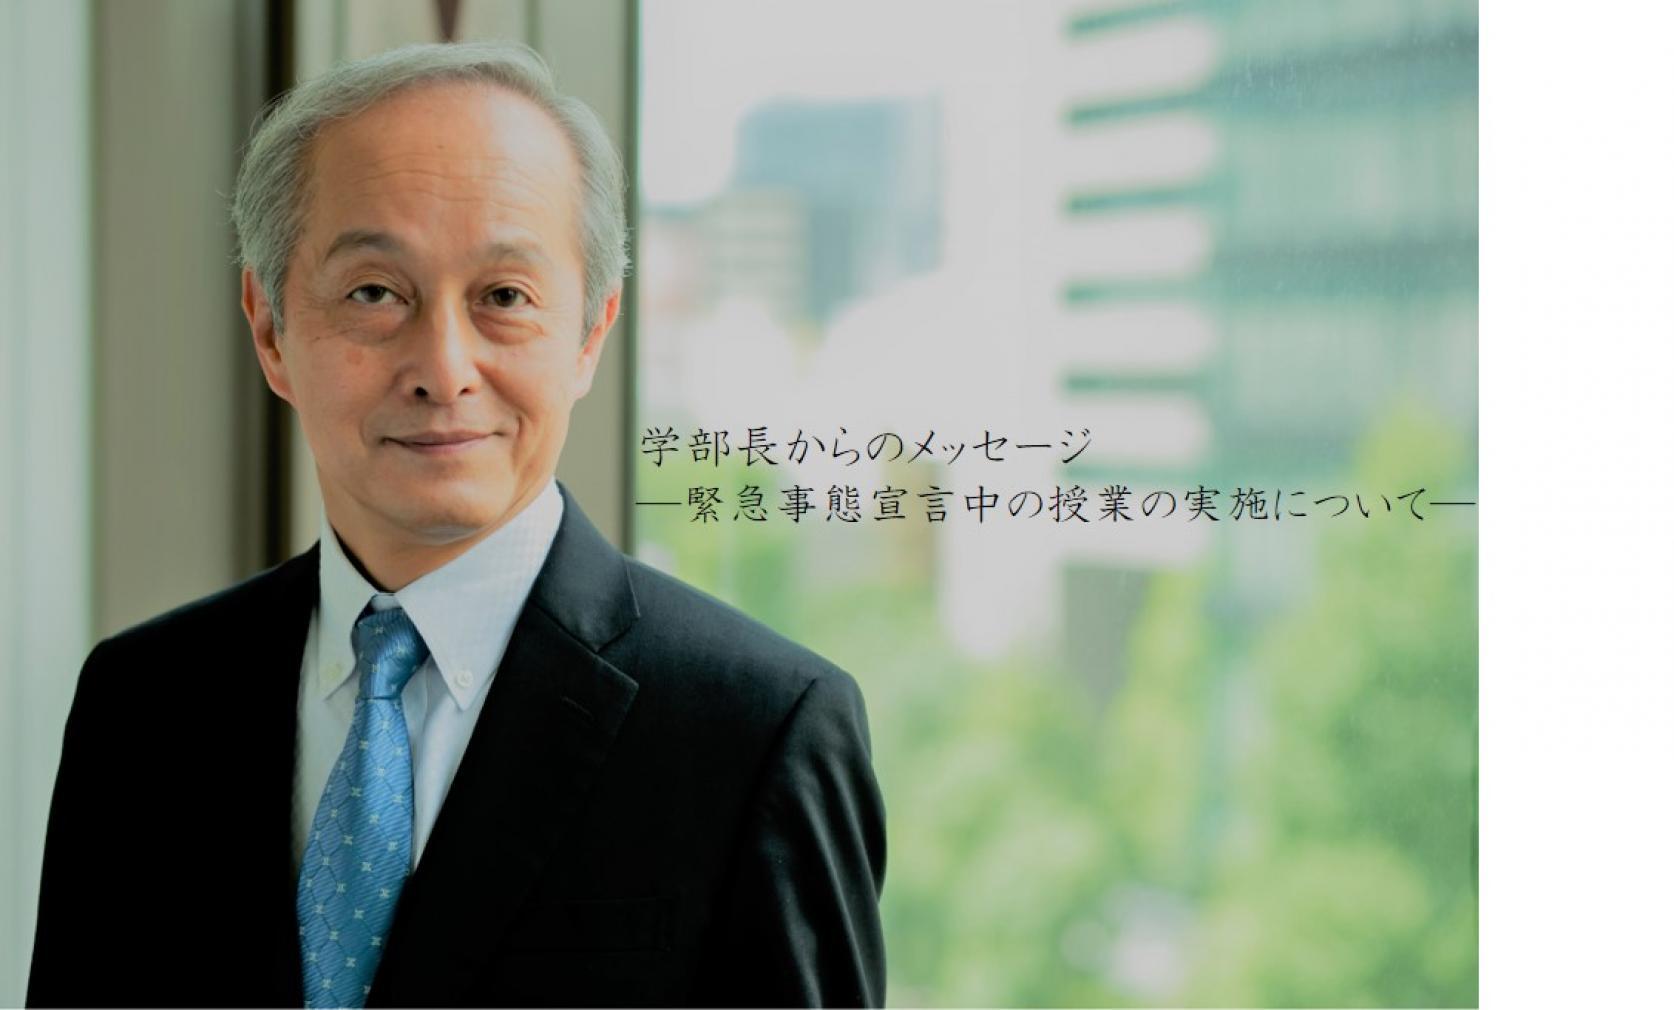 <日本大学理工学部長からのメッセージ>―緊急事態宣言中の授業の実施について―